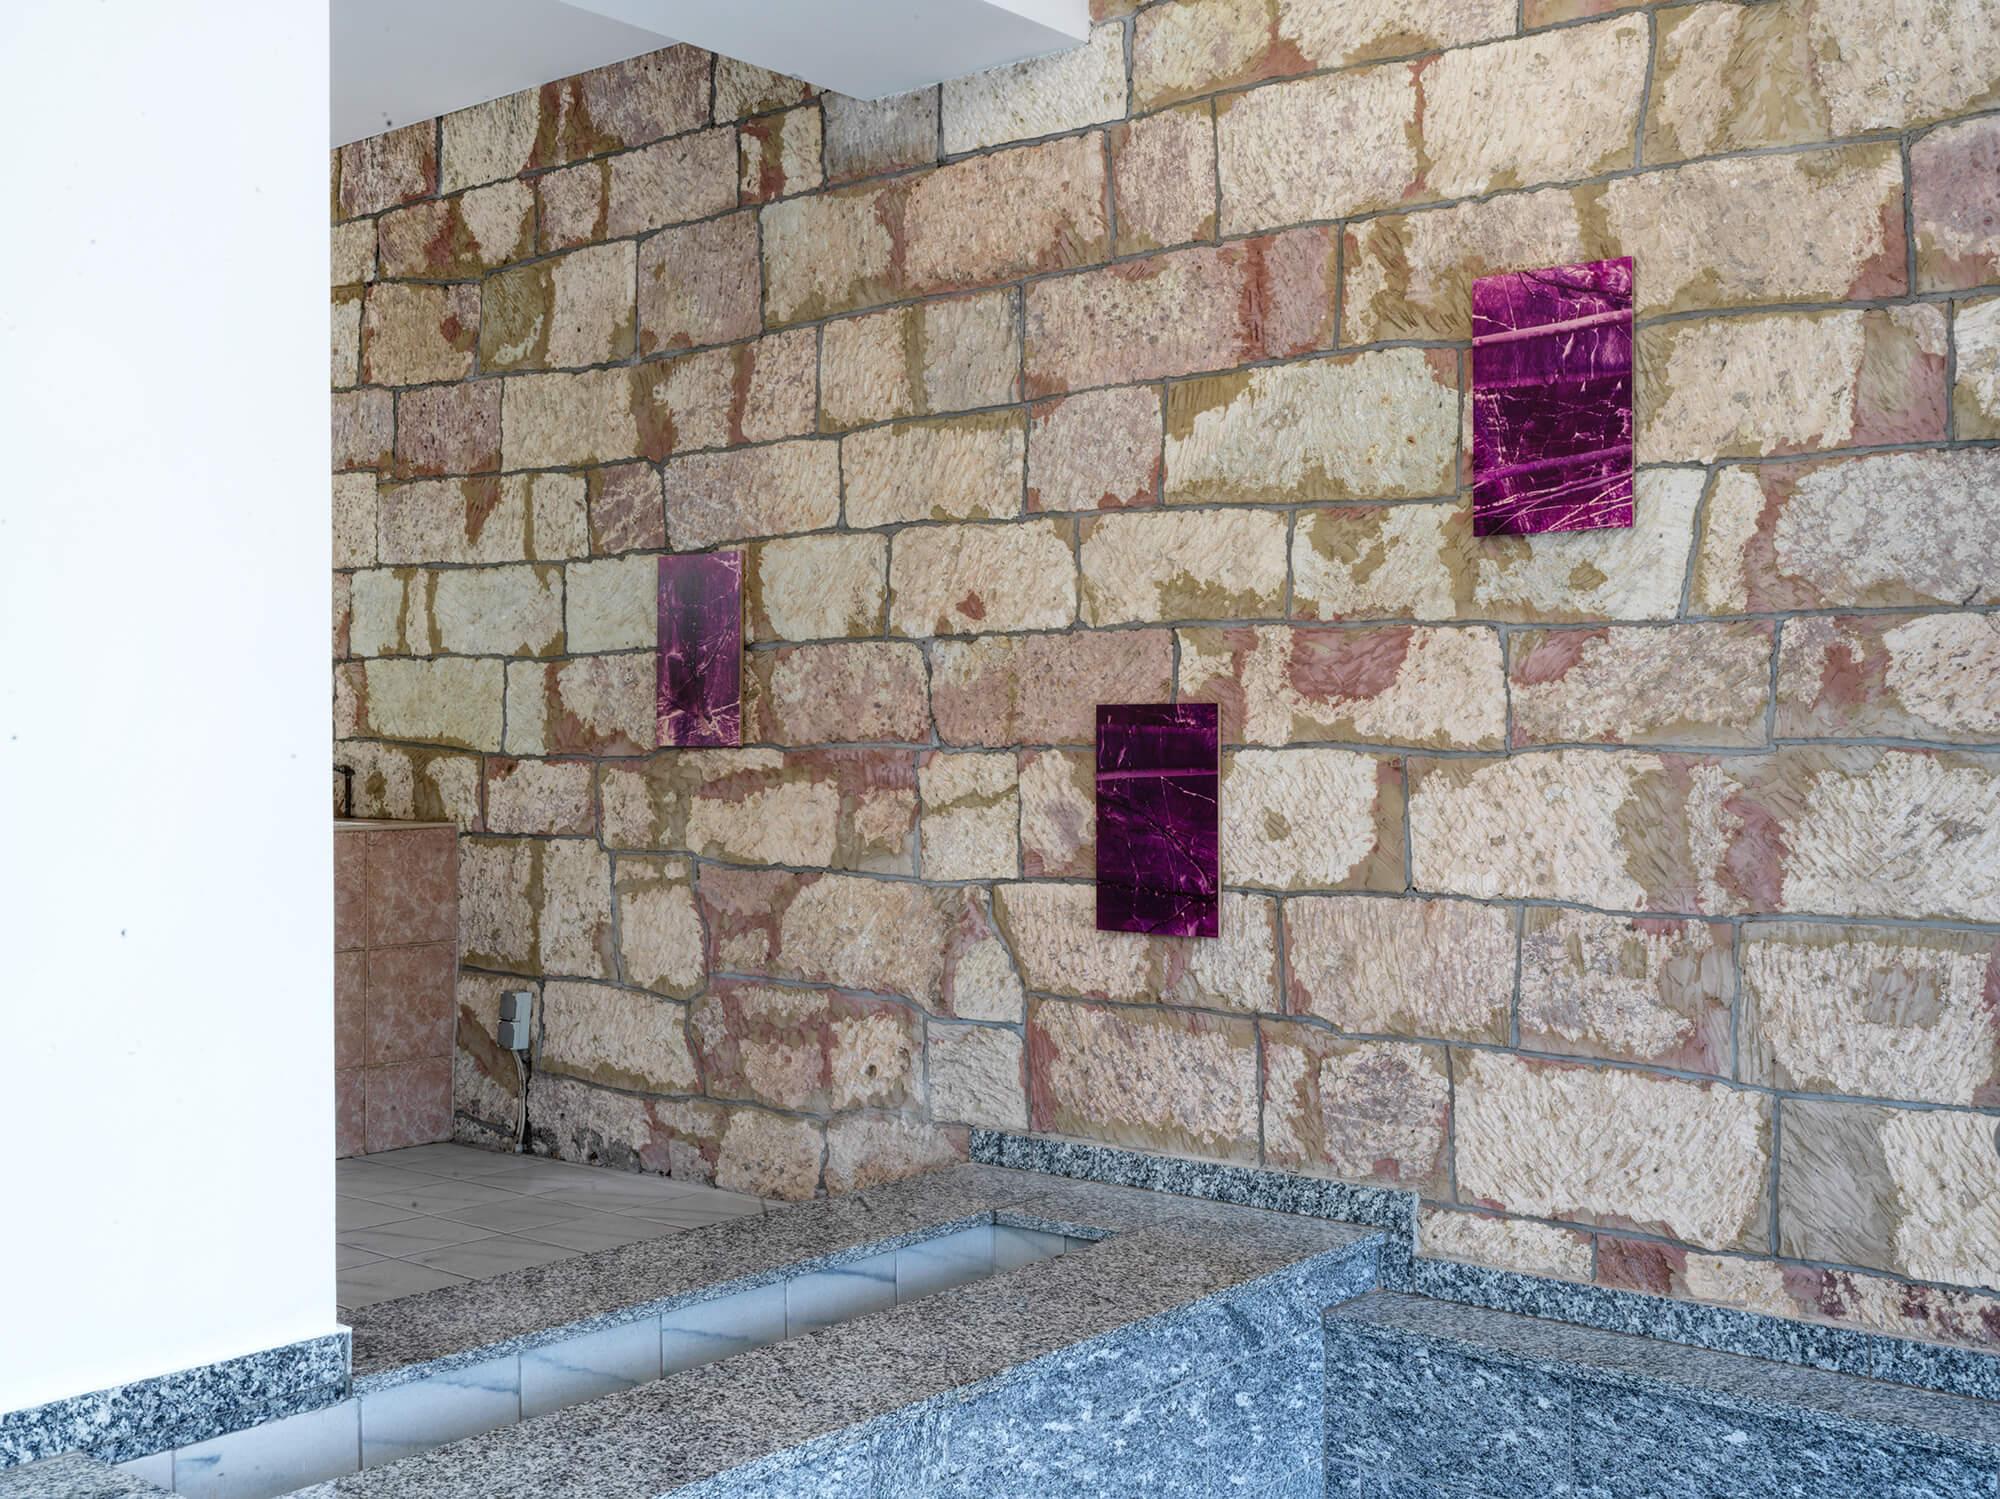 Drei pinkfarbene, rechteckige Arbeiten der Künstlerin Jenny Schäfer im Private Collectors Room.